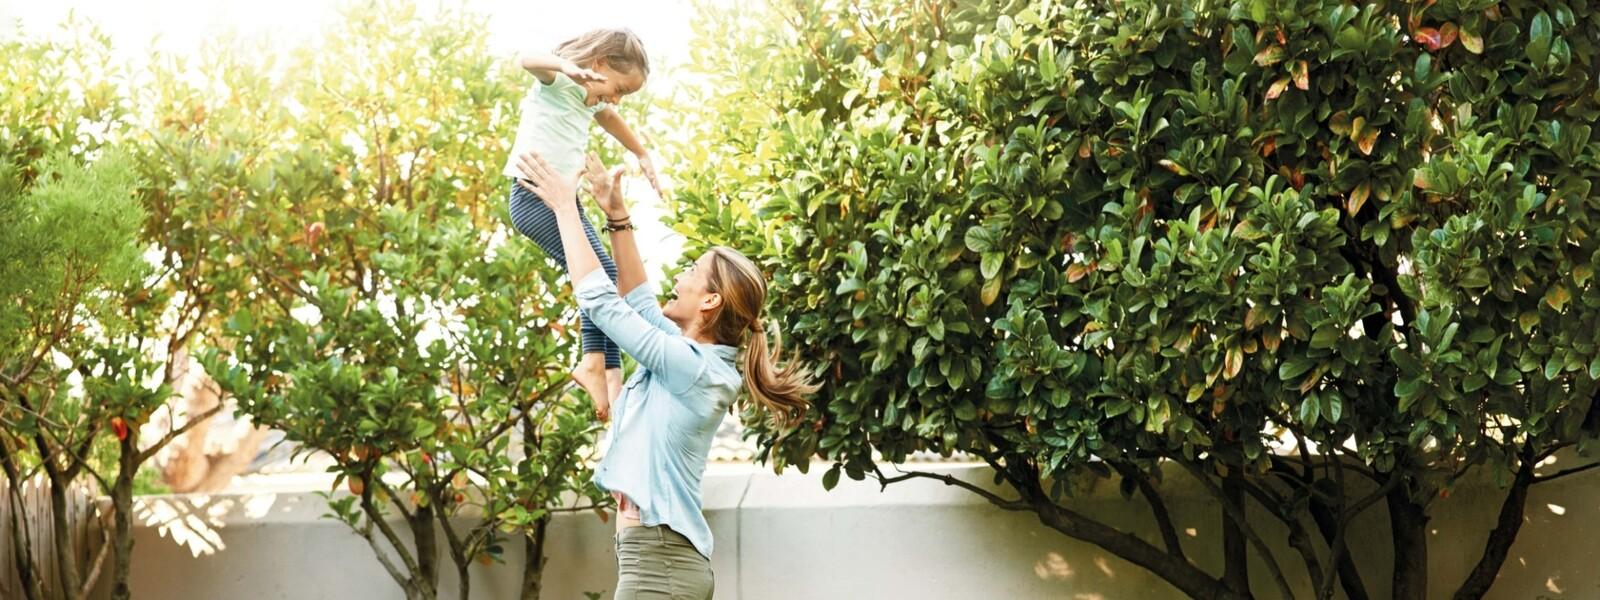 Mutter hebt Tochter in die Luft - im Hintergrund eine Vaillant Wärmepumpe